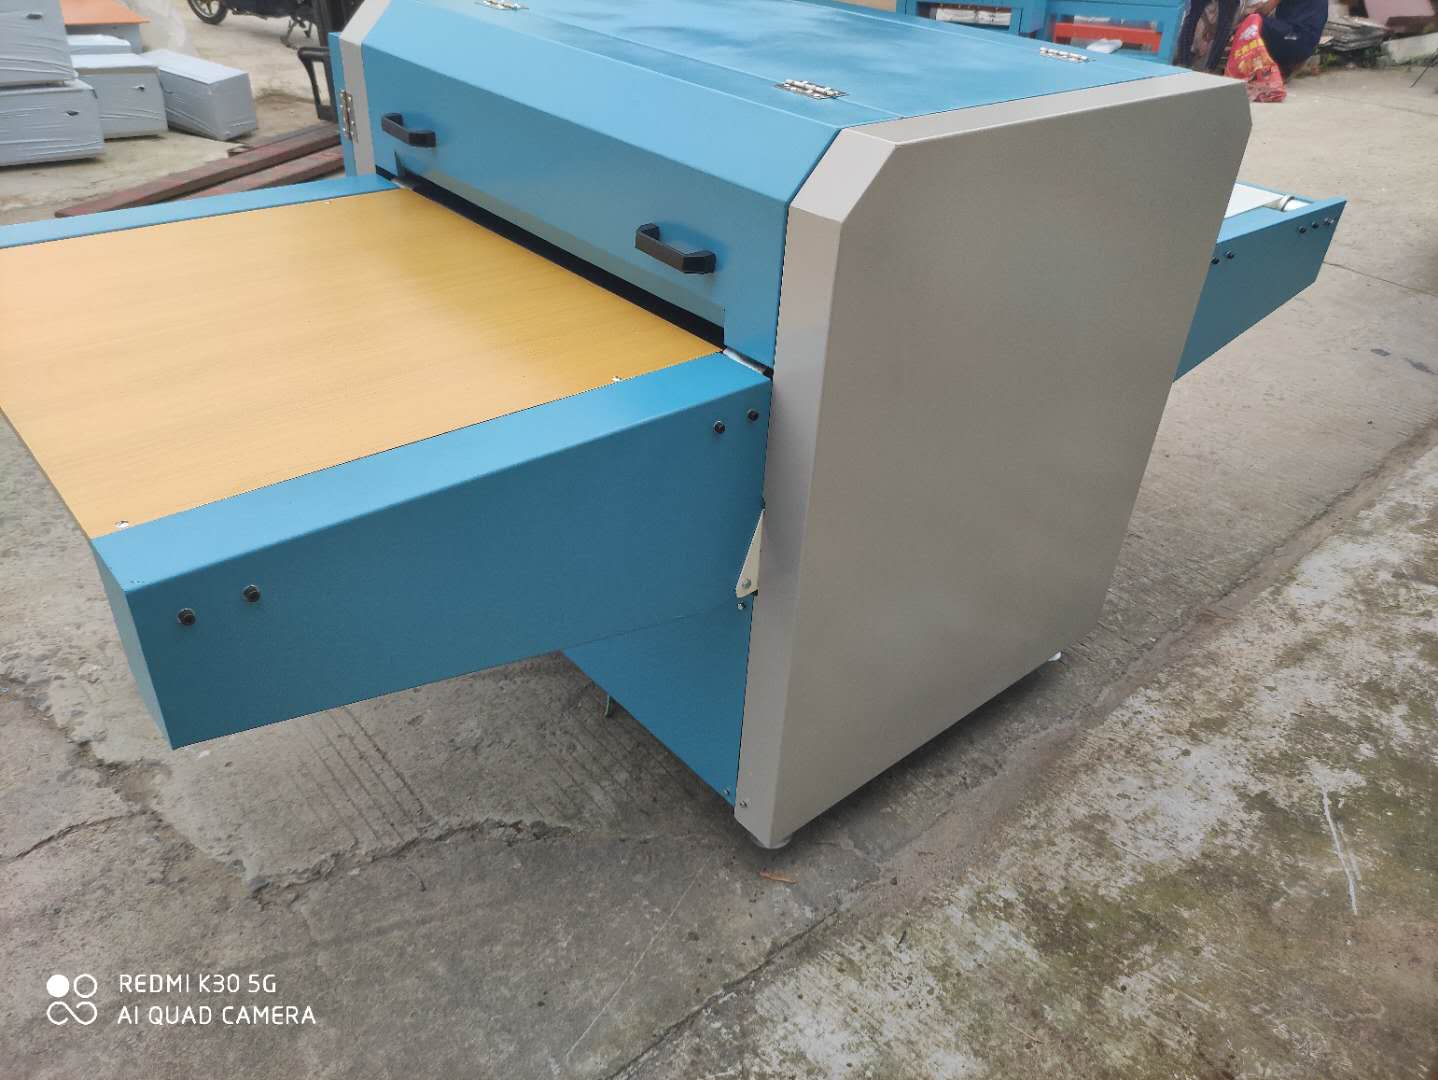 无锡粘合机厂家有哪些 服务为先 上海昀泽检测技术供应